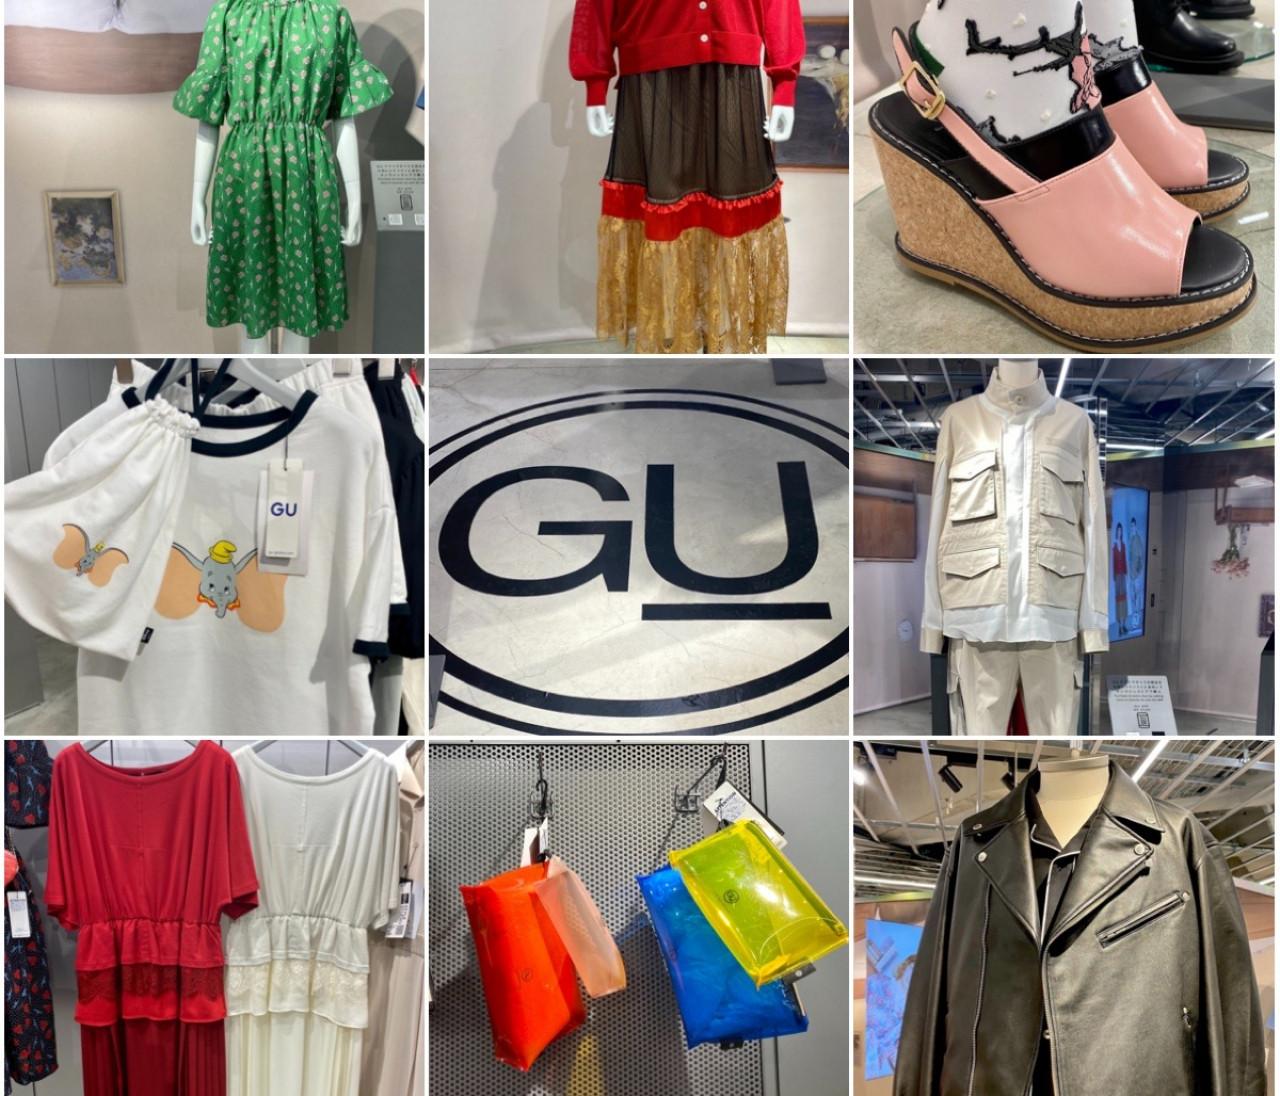 【ジーユー(GU)】超人気ブランド「アンダーカバー(UNDERCOVER)」との激レアコラボ実物をプロが徹底チェック、おすすめアイテム10を厳選!